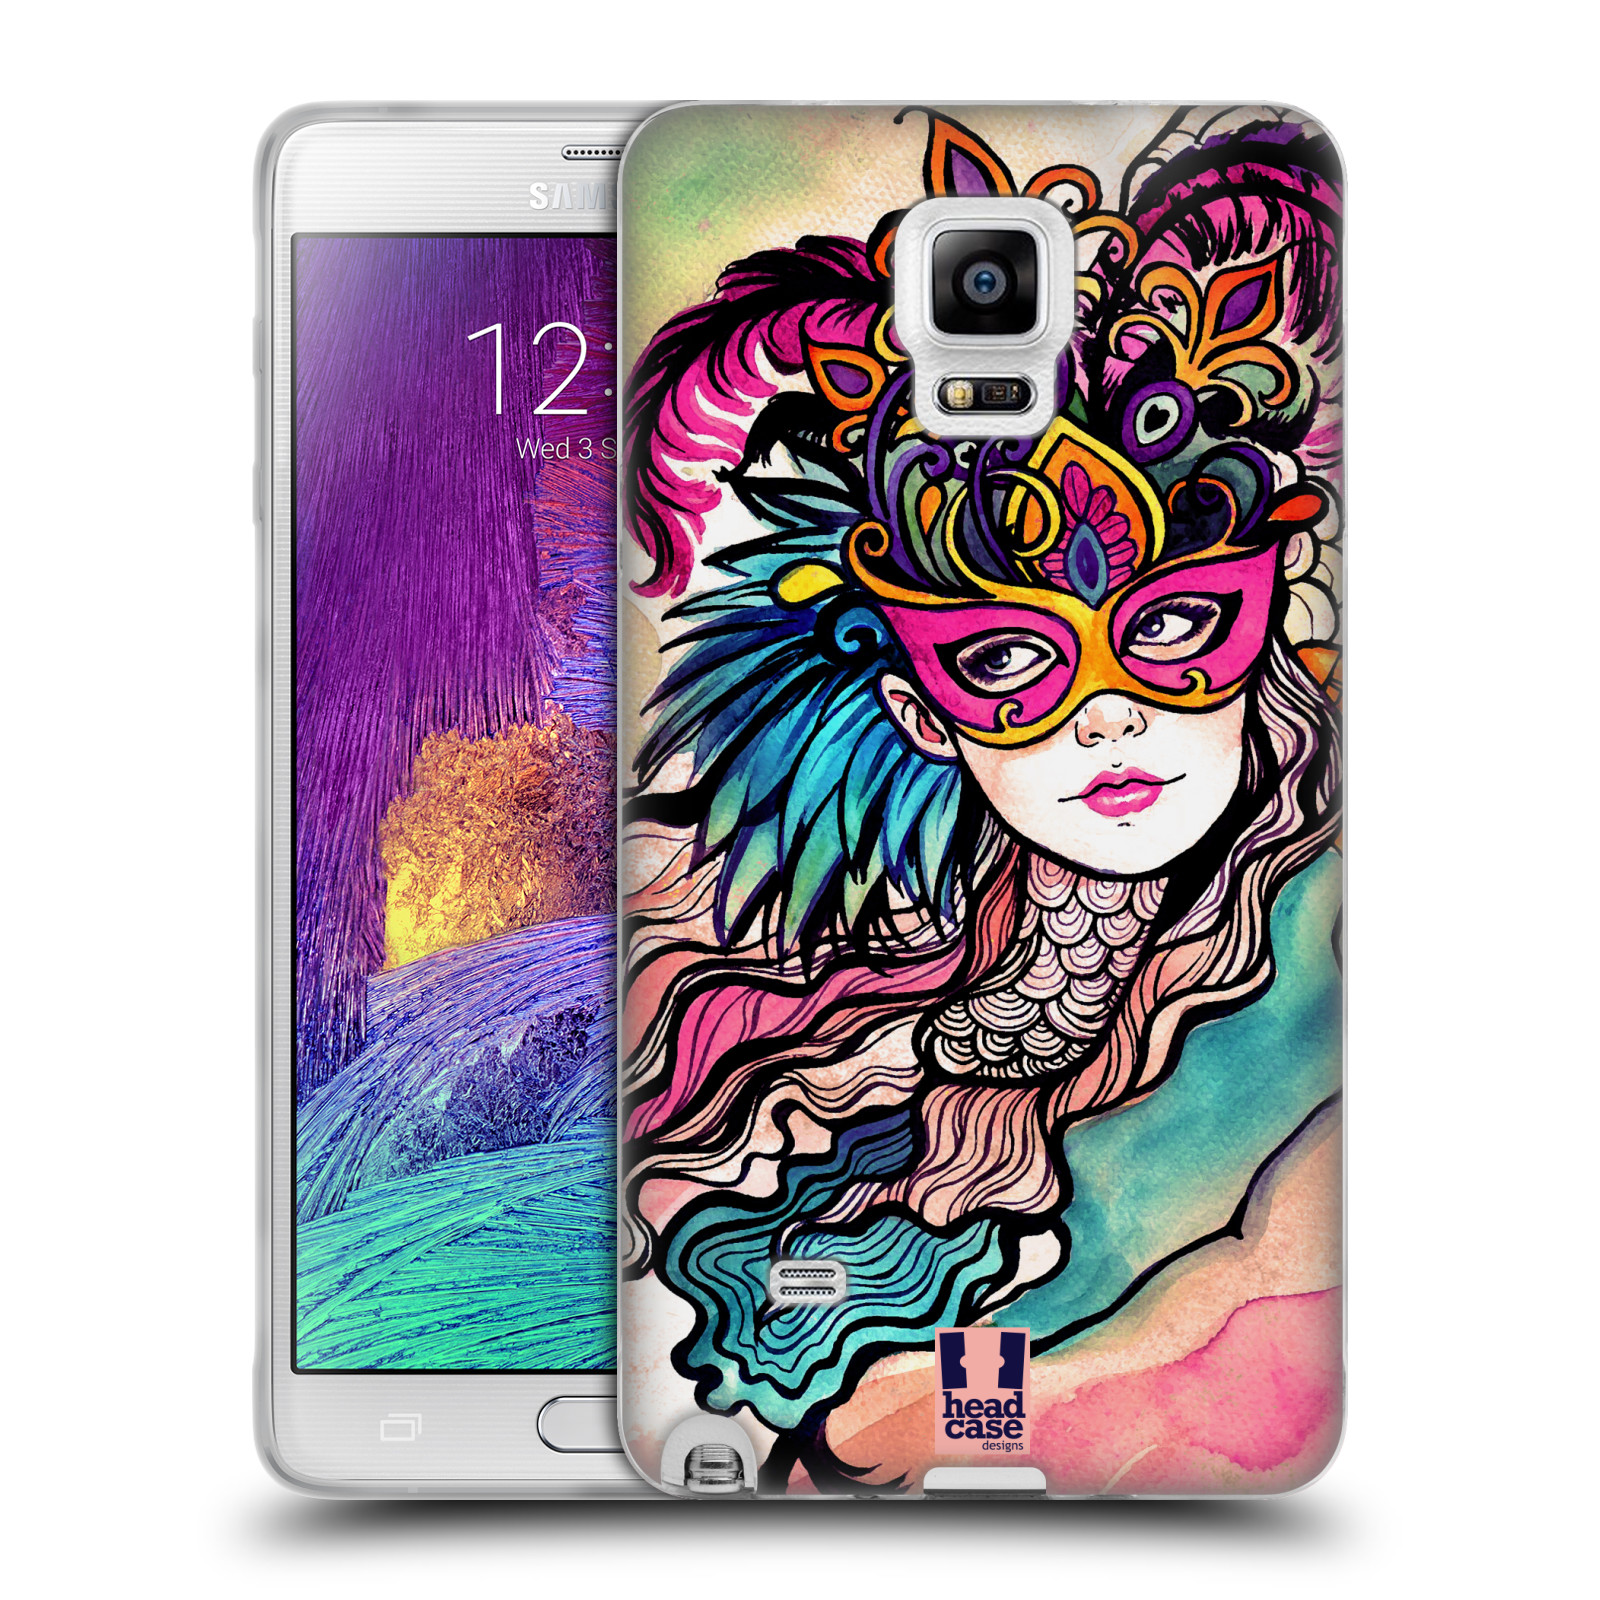 HEAD CASE silikonový obal na mobil Samsung Galaxy Note 4 (N910) vzor Maškarní ples masky kreslené vzory růžová